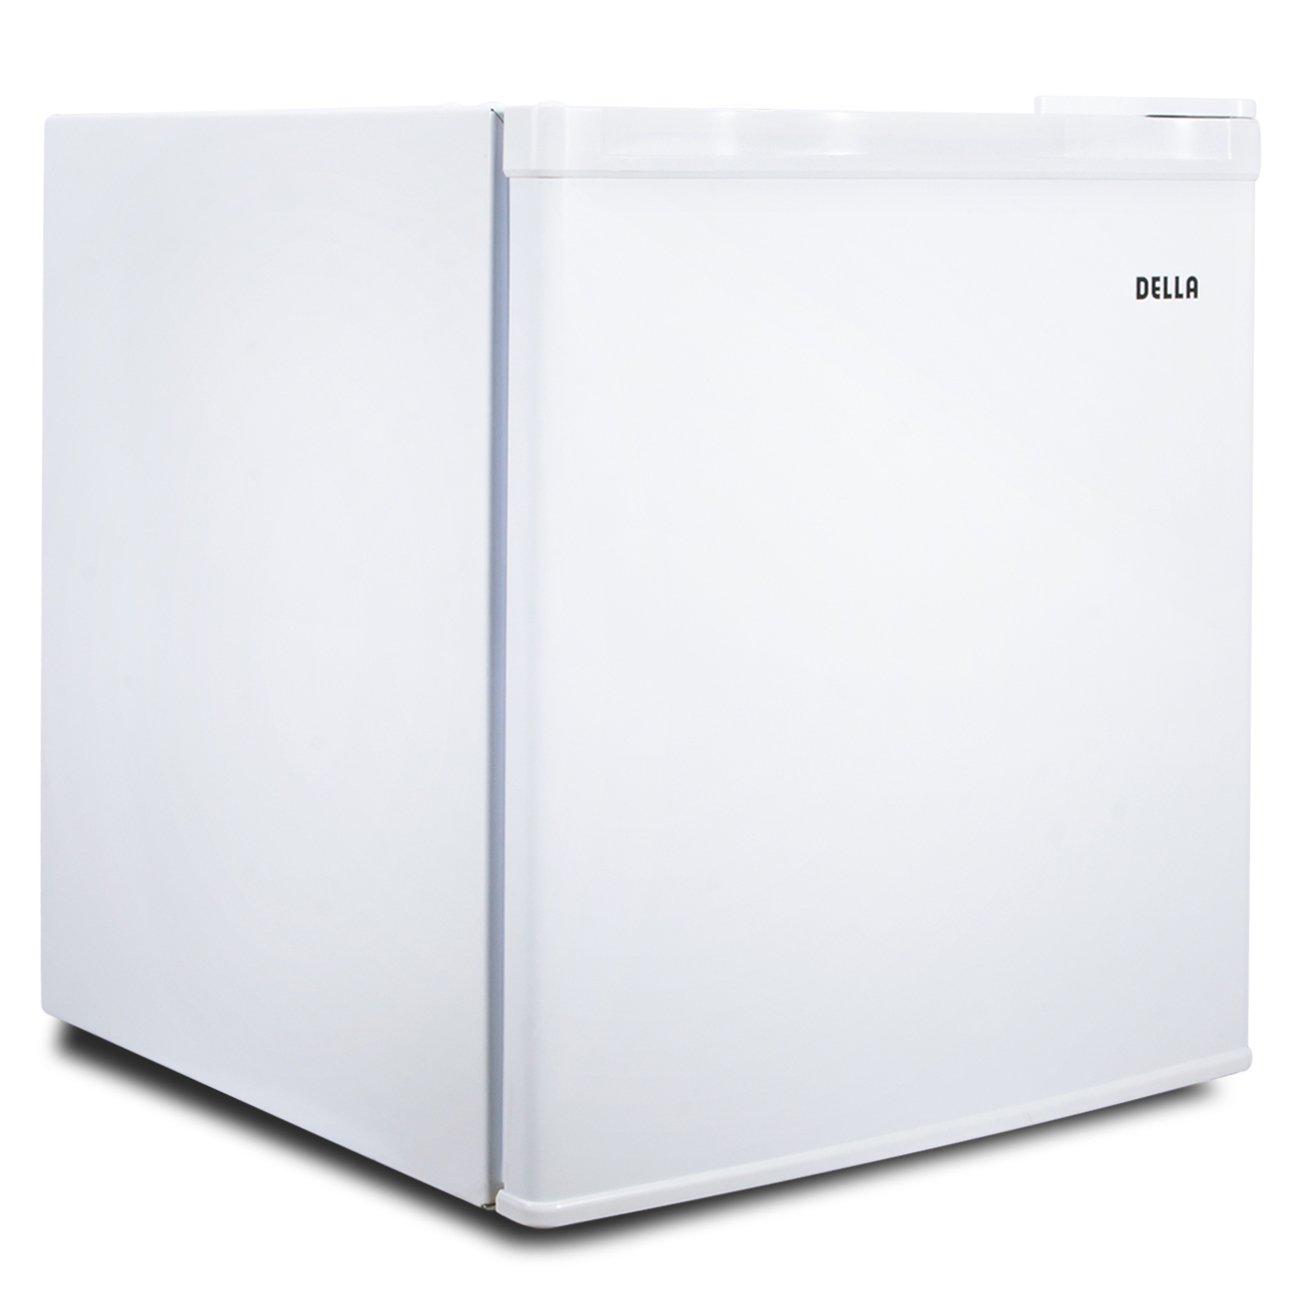 Della 1.1 cu ft Upright Compact Freezer, Reversible Door, Freestanding, White